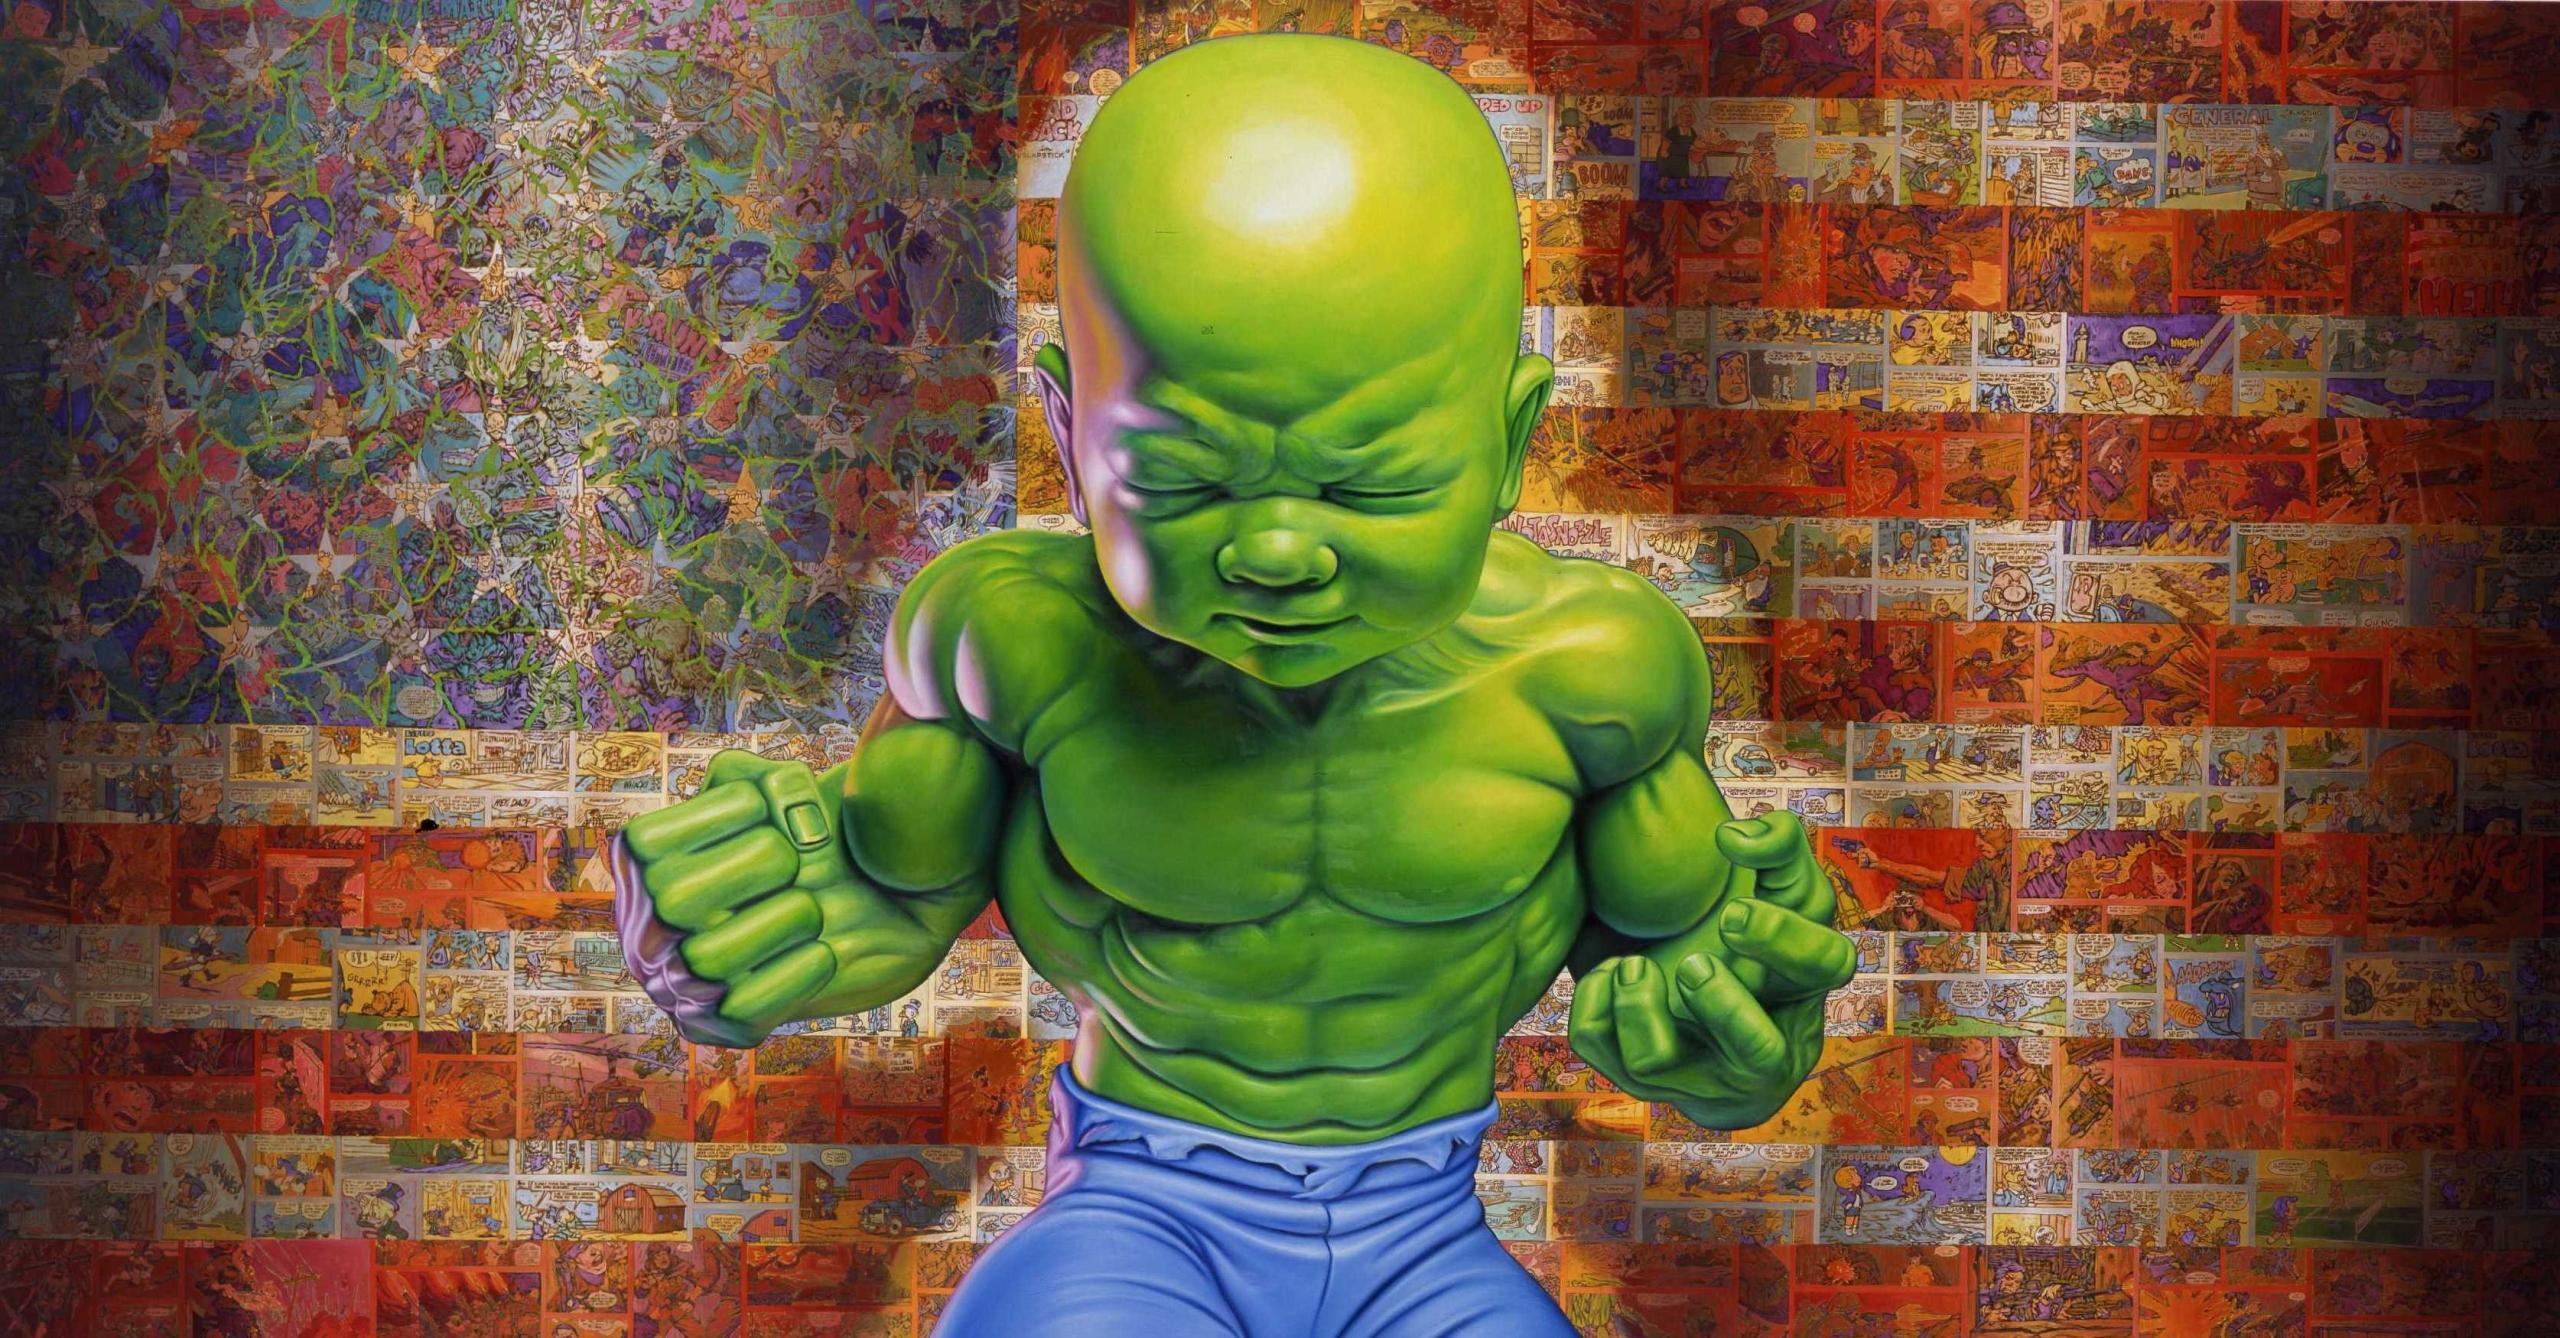 Hd wallpaper hulk - Hd Wallpaper Background Id 242937 2560x1338 Comics Hulk